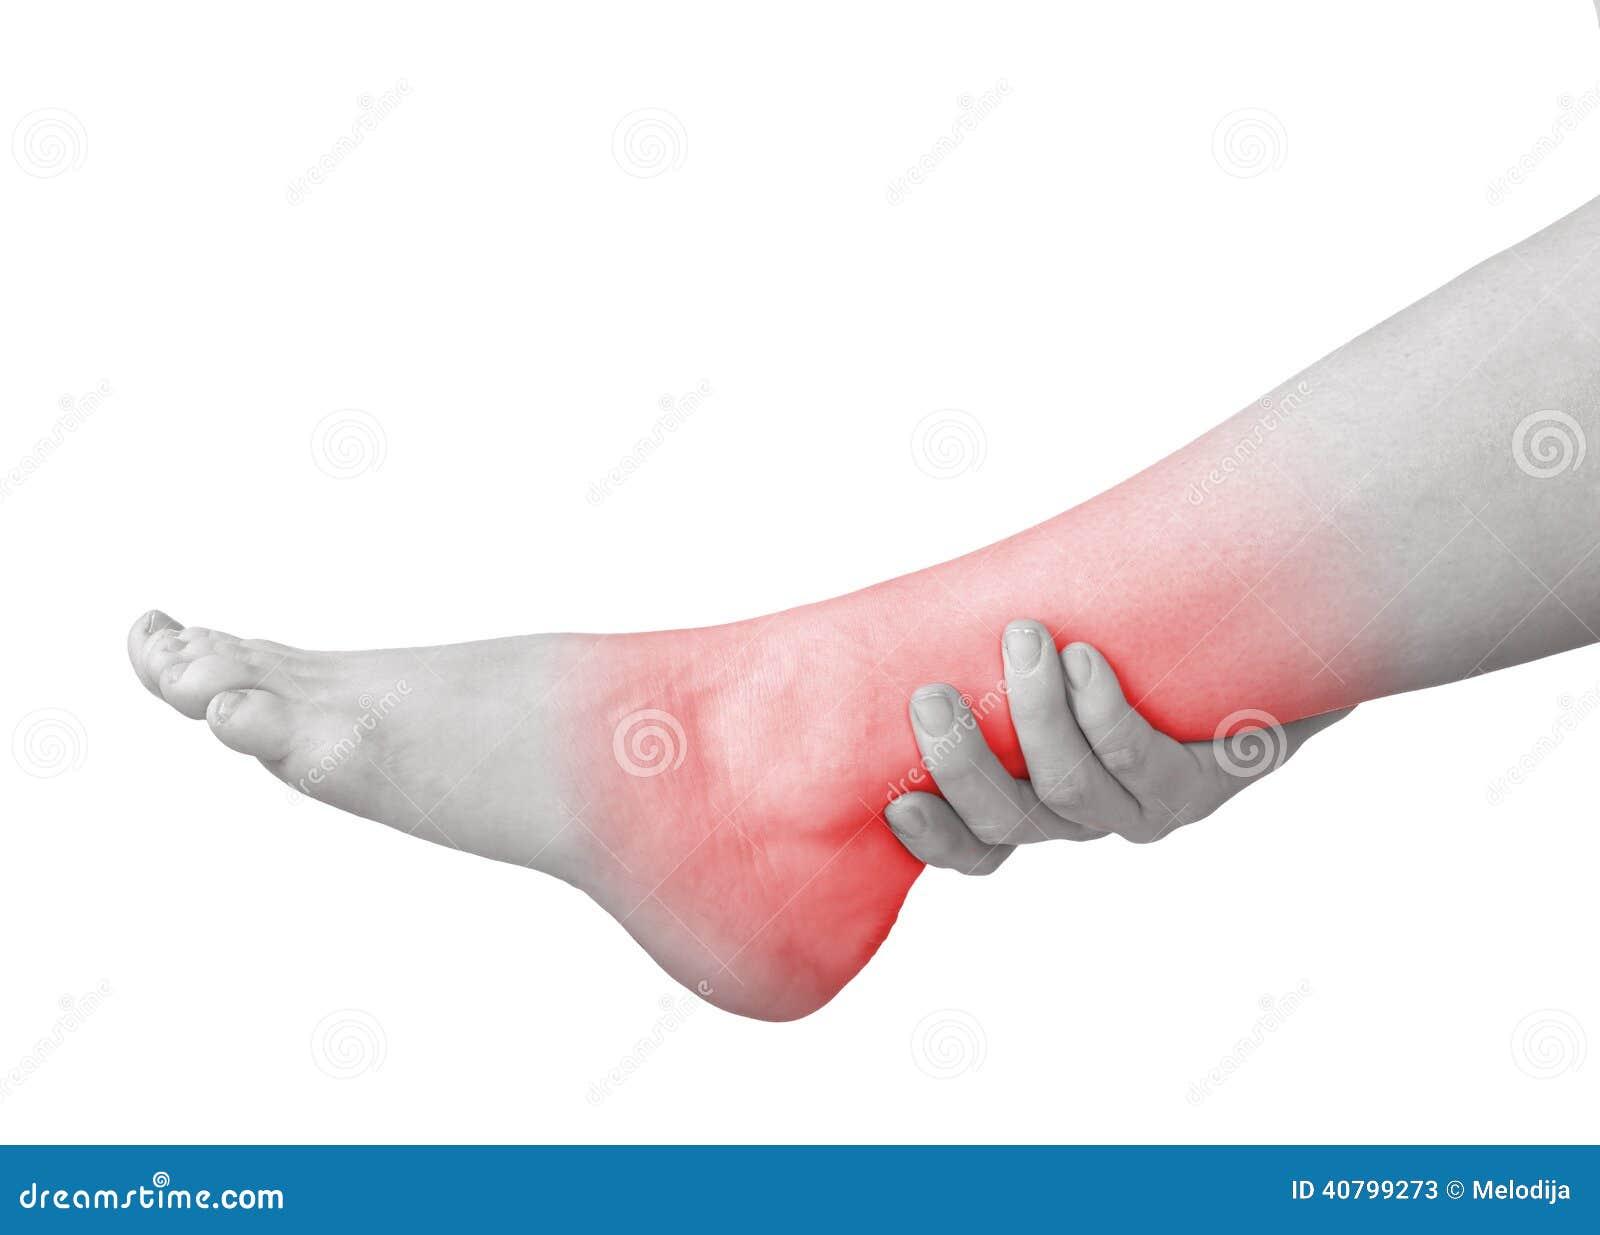 脚���-9kd9�+�eiy�-�kd_在脚腕的剧痛 握手的妇女对脚腕疼痛斑点